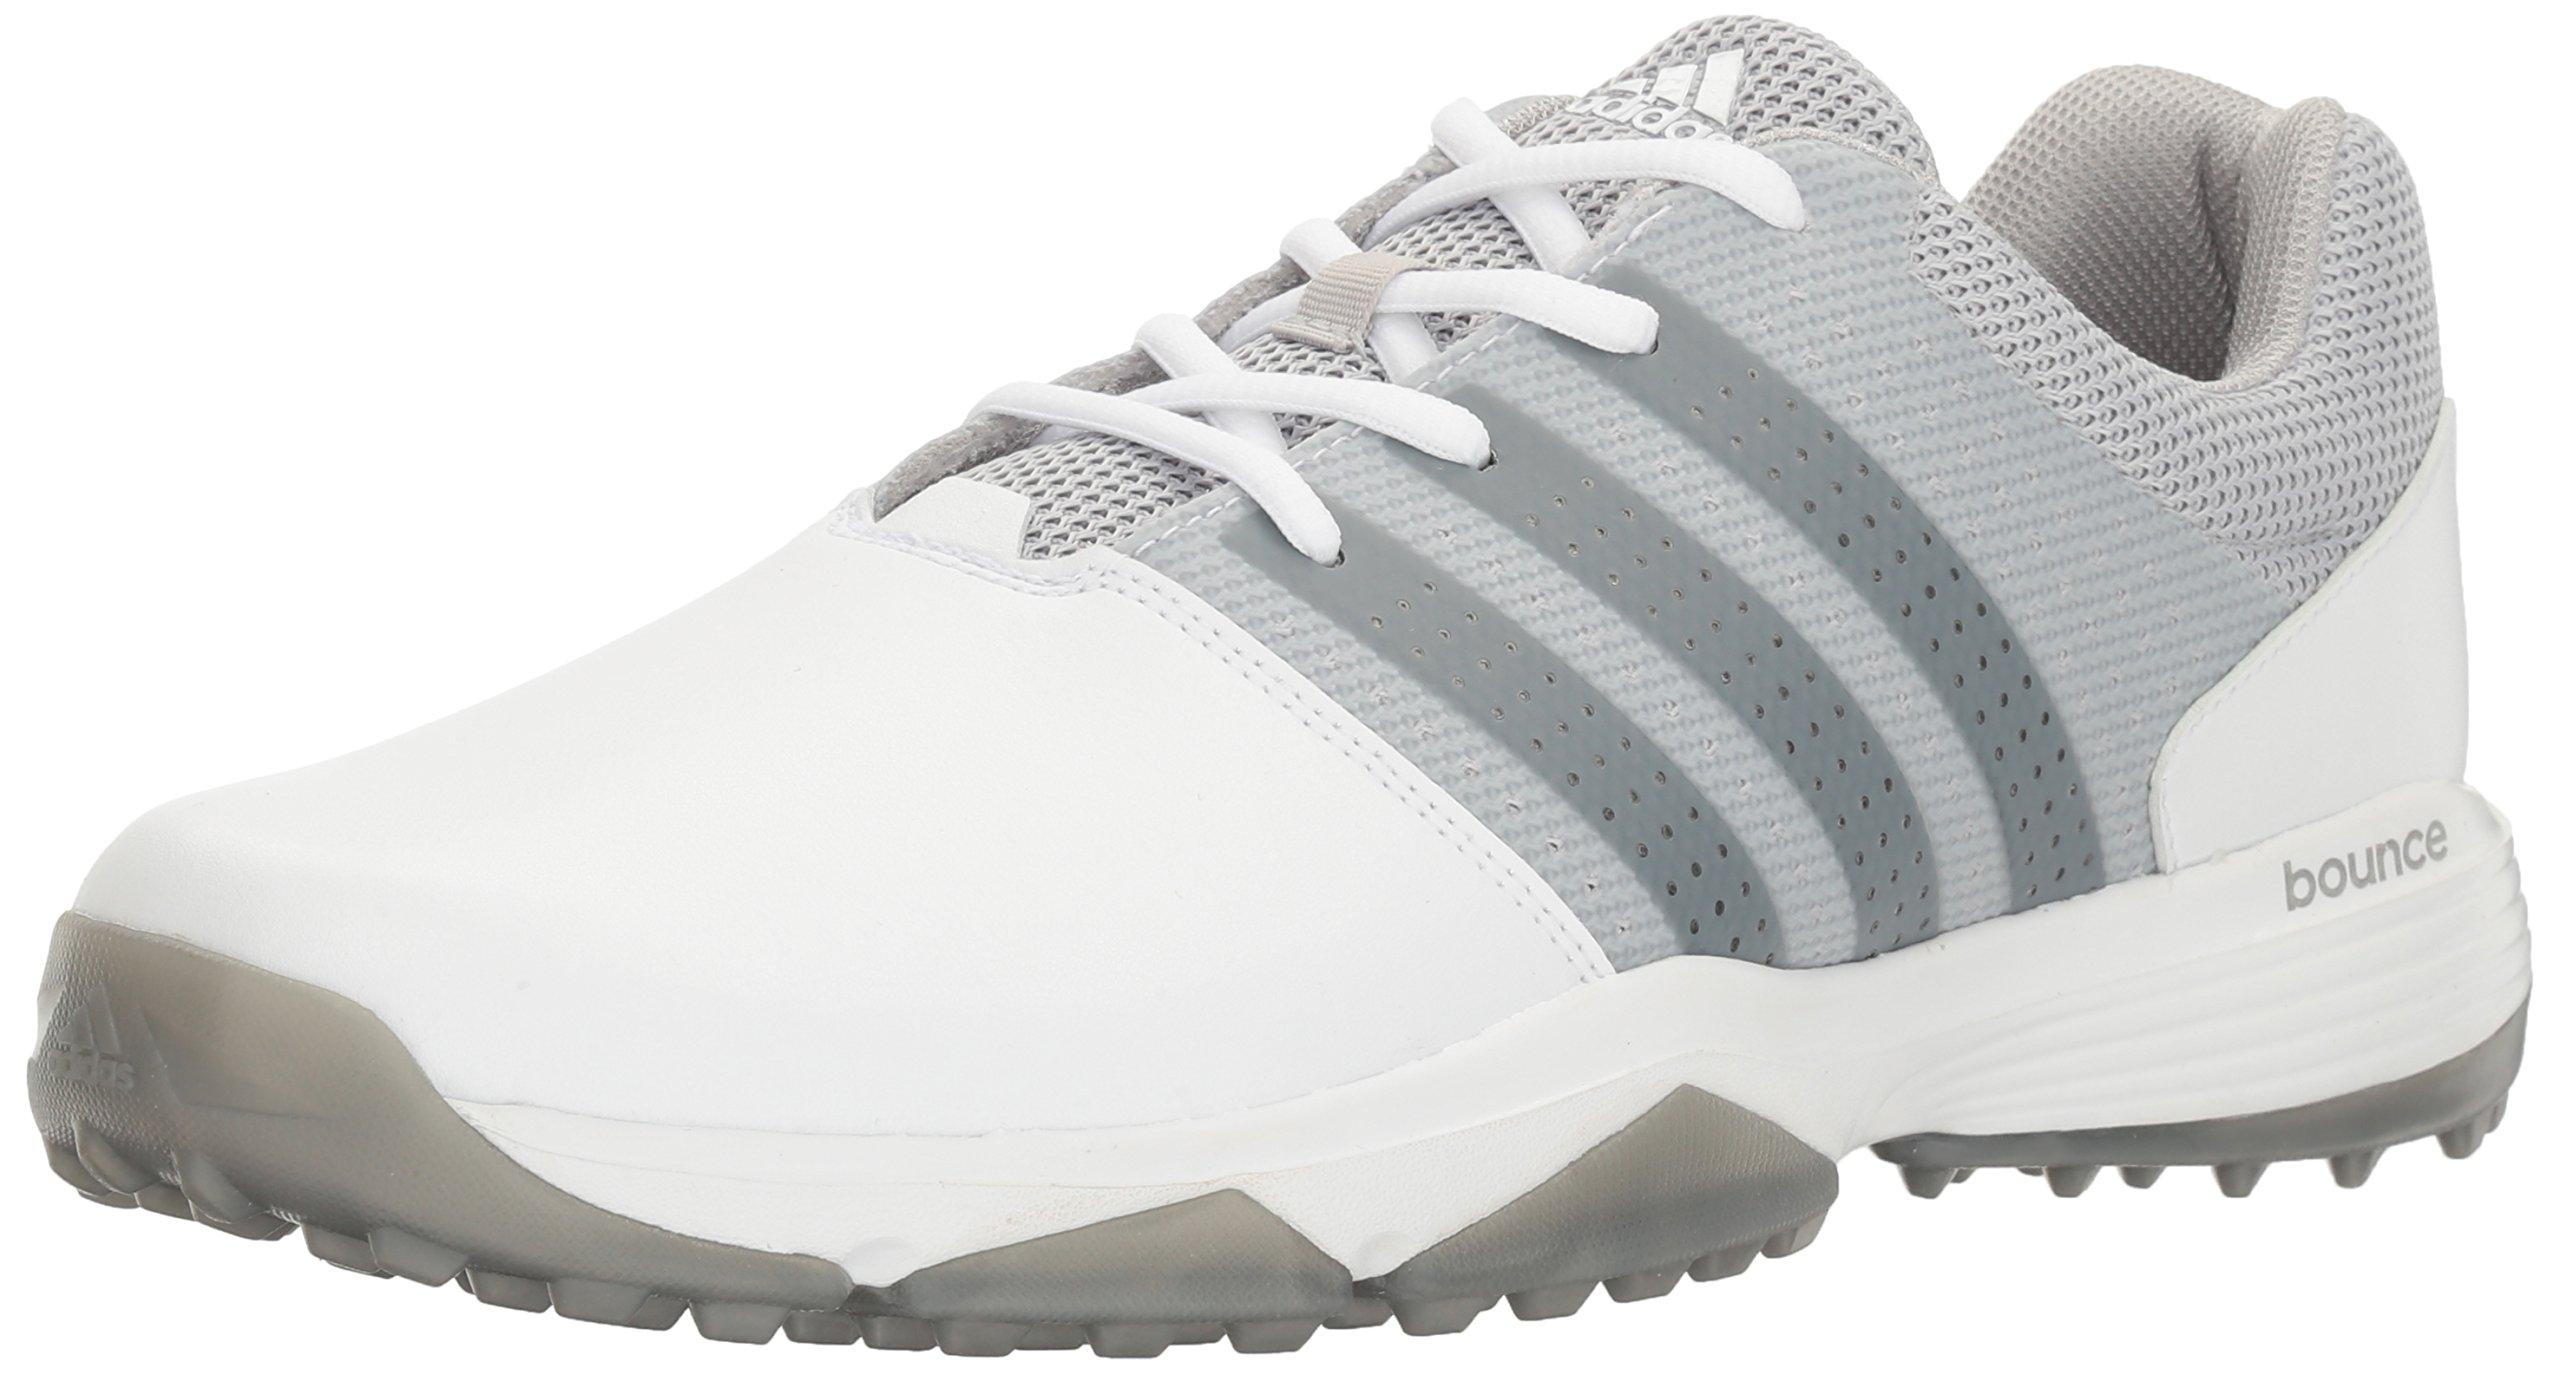 Barato Adidas ofertas 360, encontrar Adidas 360 ofertas Adidas en línea en 7351a1 b4ef64